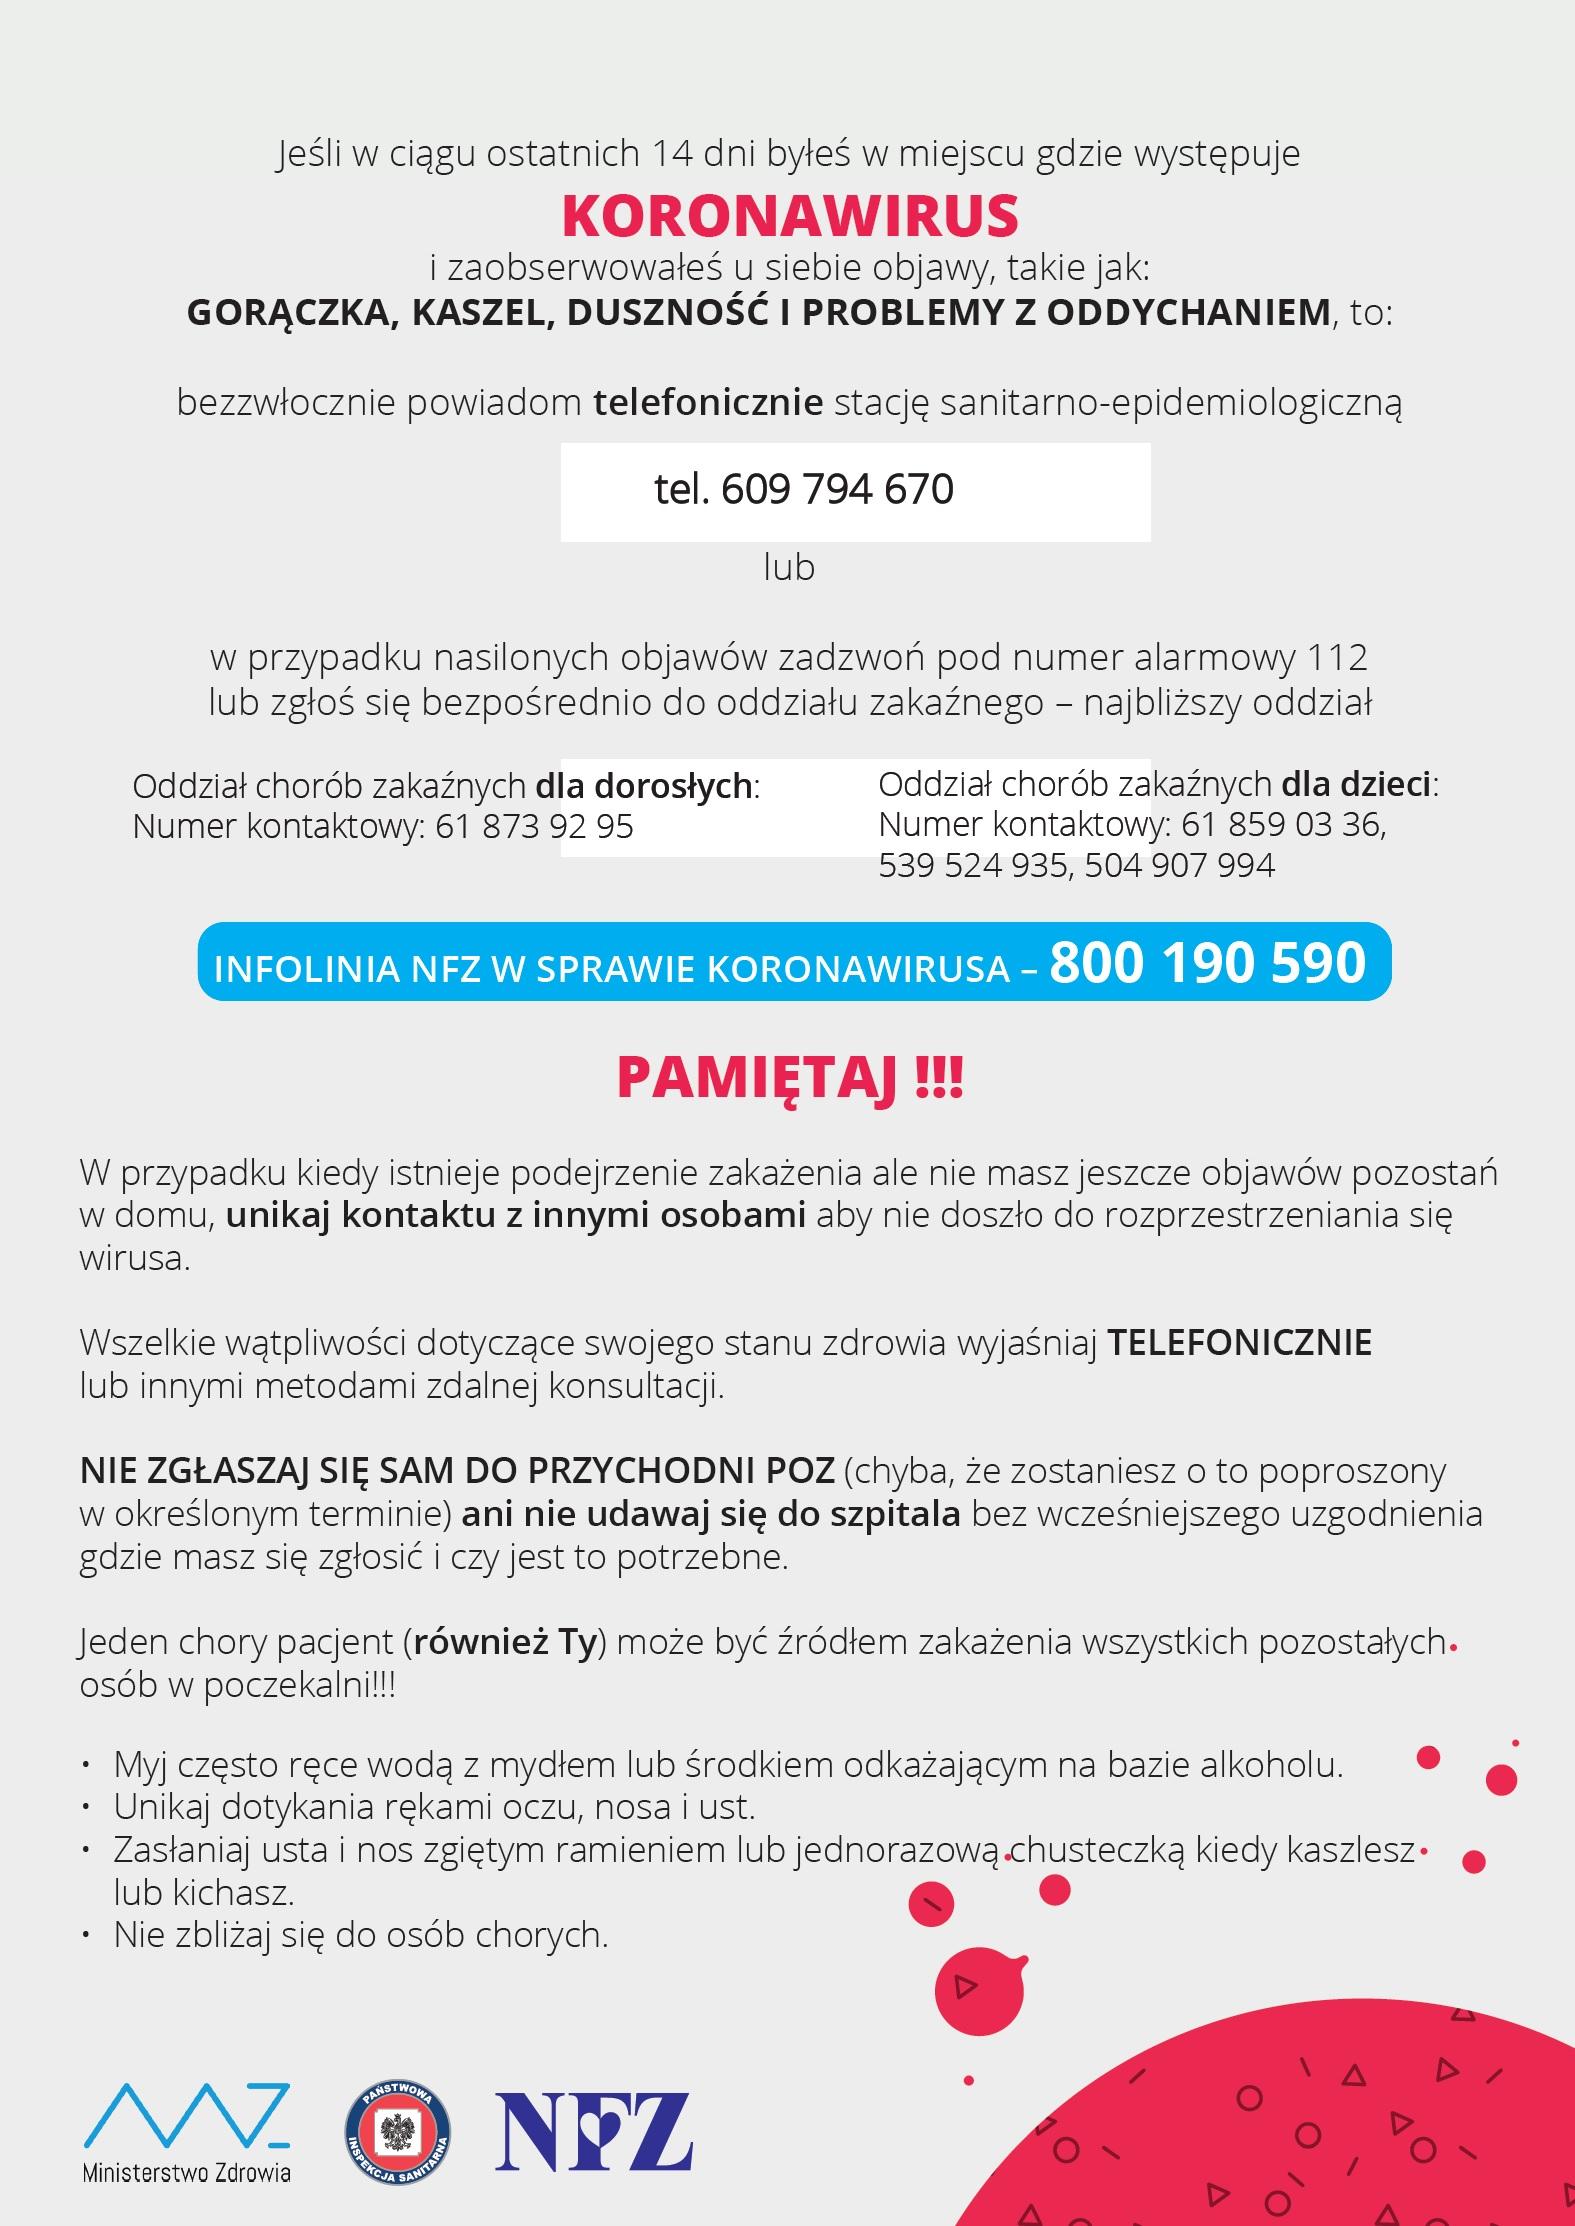 Plakat, na szarym tle tekst: Jeśli w ciągu ostatnich 14 dni byłeś w miejscu gdzie występuje KORONAWIRUS i zaobserwowałeś u siebie objawy, takie jak: GORĄCZKA, KASZEL, DUSZNOŚĆ I PROBLEMY Z ODDYCHANIEM, to: bezzwłocznie powiadom telefonicznie stację sanitarno-epidemiologiczną tel. 609 794 670 lub w przypadku nasilonych objawów zadzwoń pod numer alarmowy 112 lub zgłoś się bezpośrednio do oddziału zakaźnego – najbliższy oddział Oddział chorób zakaźnych dla dorosłych: Numer kontaktowy: 61 873 92 95 Oddział chorób zakaźnych dla dzieci: Numer kontaktowy: 61 859 03 36, 539 524 935, 504 907 994 INFOLINIA NFZ W SPRAWIE KORONAWIRUSA – 800 190 590 PAMIĘTAJ !!! W przypadku kiedy istnieje podejrzenie zakażenia ale nie masz jeszcze objawów pozostań w domu, unikaj kontaktu z innymi osobami aby nie doszło do rozprzestrzeniania się wirusa. Wszelkie wątpliwości dotyczące swojego stanu zdrowia wyjaśniaj TELEFONICZNIE lub innymi metodami zdalnej konsultacji. NIE ZGŁASZAJ SIĘ SAM DO PRZYCHODNI POZ (chyba, że zostaniesz o to poproszony w określonym terminie) ani nie udawaj się do szpitala bez wcześniejszego uzgodnienia gdzie masz się zgłosić i czy jest to potrzebne. Jeden chory pacjent (również Ty) może być źródłem zakażenia wszystkich pozostałych osób w poczekalni!!! • Myj często ręce wodą z mydłem lub środkiem odkażającym na bazie alkoholu. • Unikaj dotykania rękami oczu, nosa i ust. • Zasłaniaj usta i nos zgiętym ramieniem lub jednorazową chusteczką kiedy kaszlesz lub kichasz. • Nie zbliżaj się do osób chorych. logotypy: Ministerstwa Zdrowia, Państwowej Inspekcji Sanitarnej, NFZ